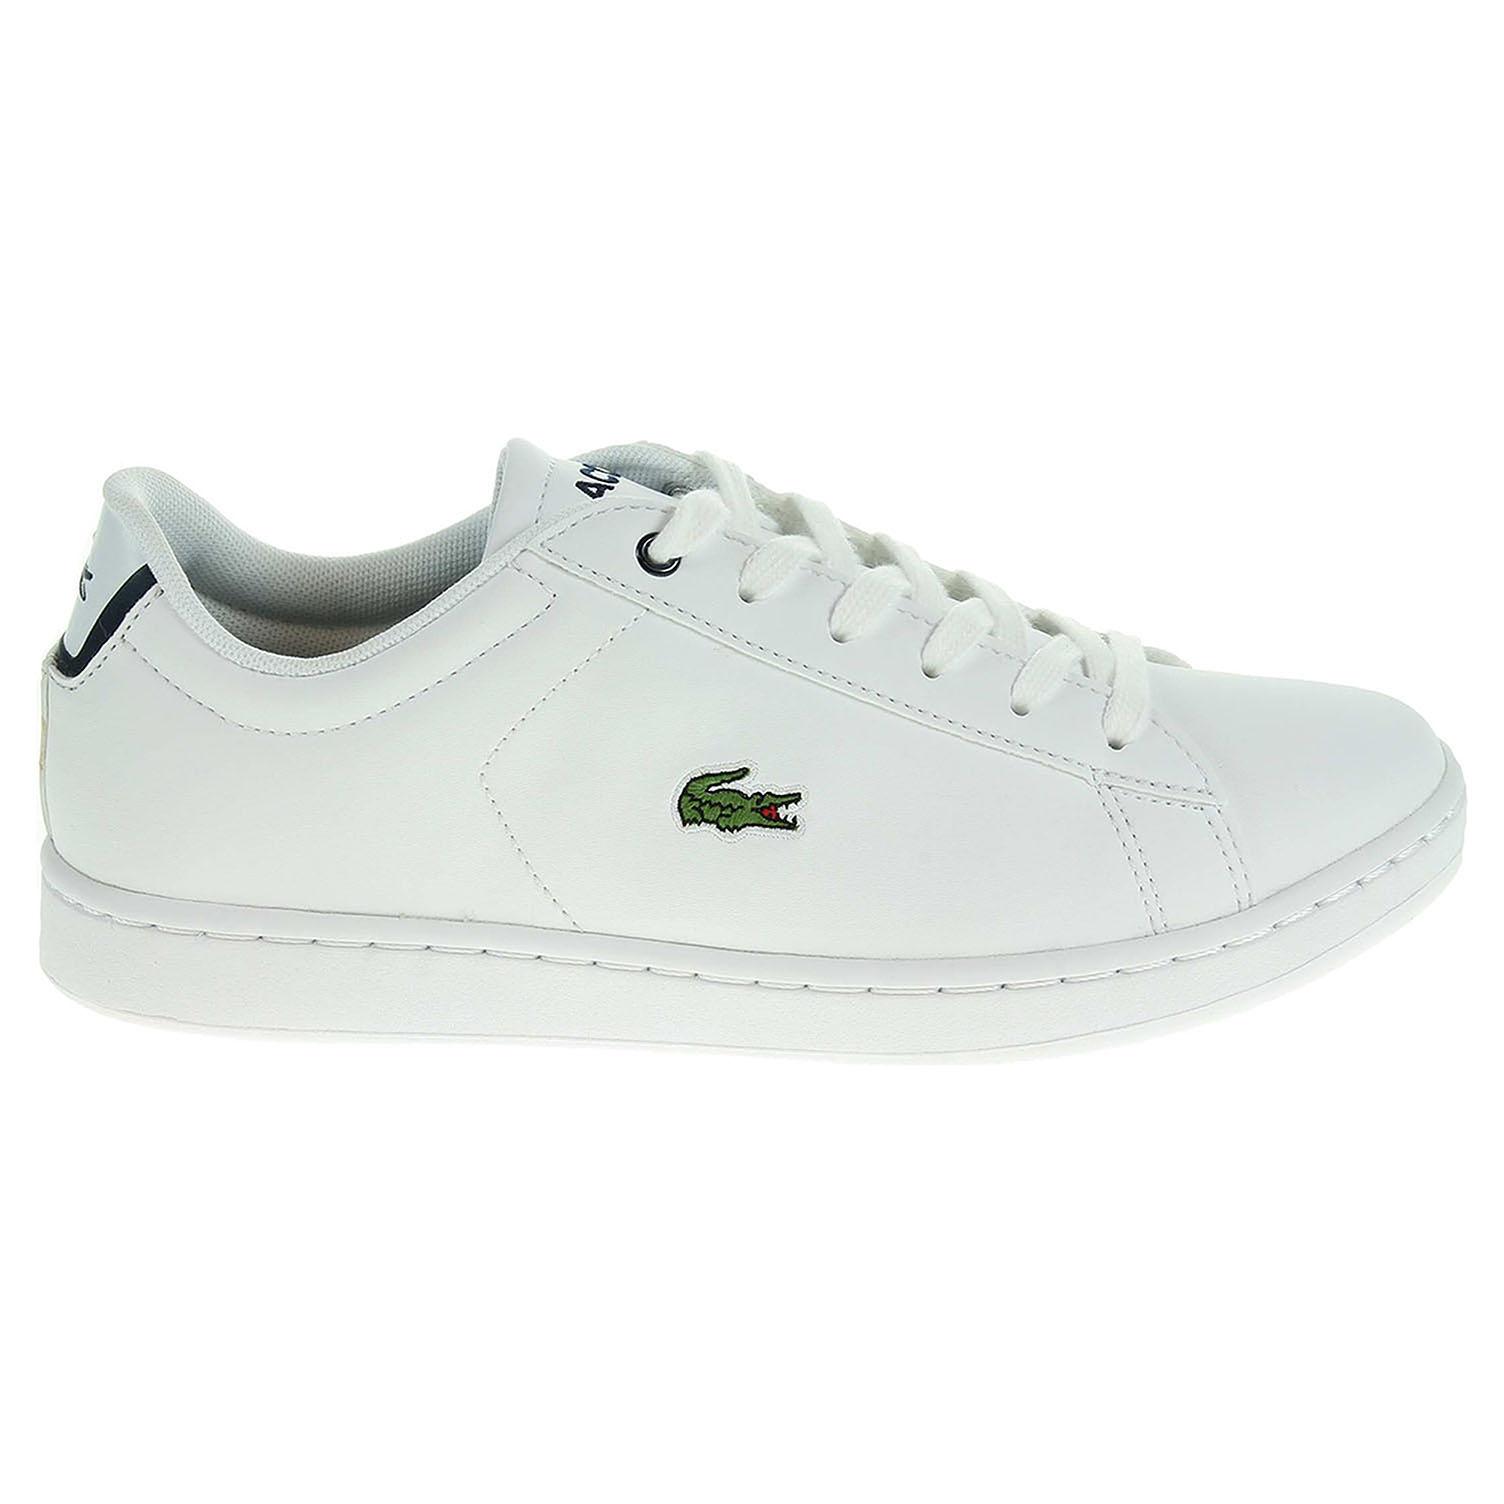 Ecco Lacoste Carnaby dámská obuv bílá 23200701